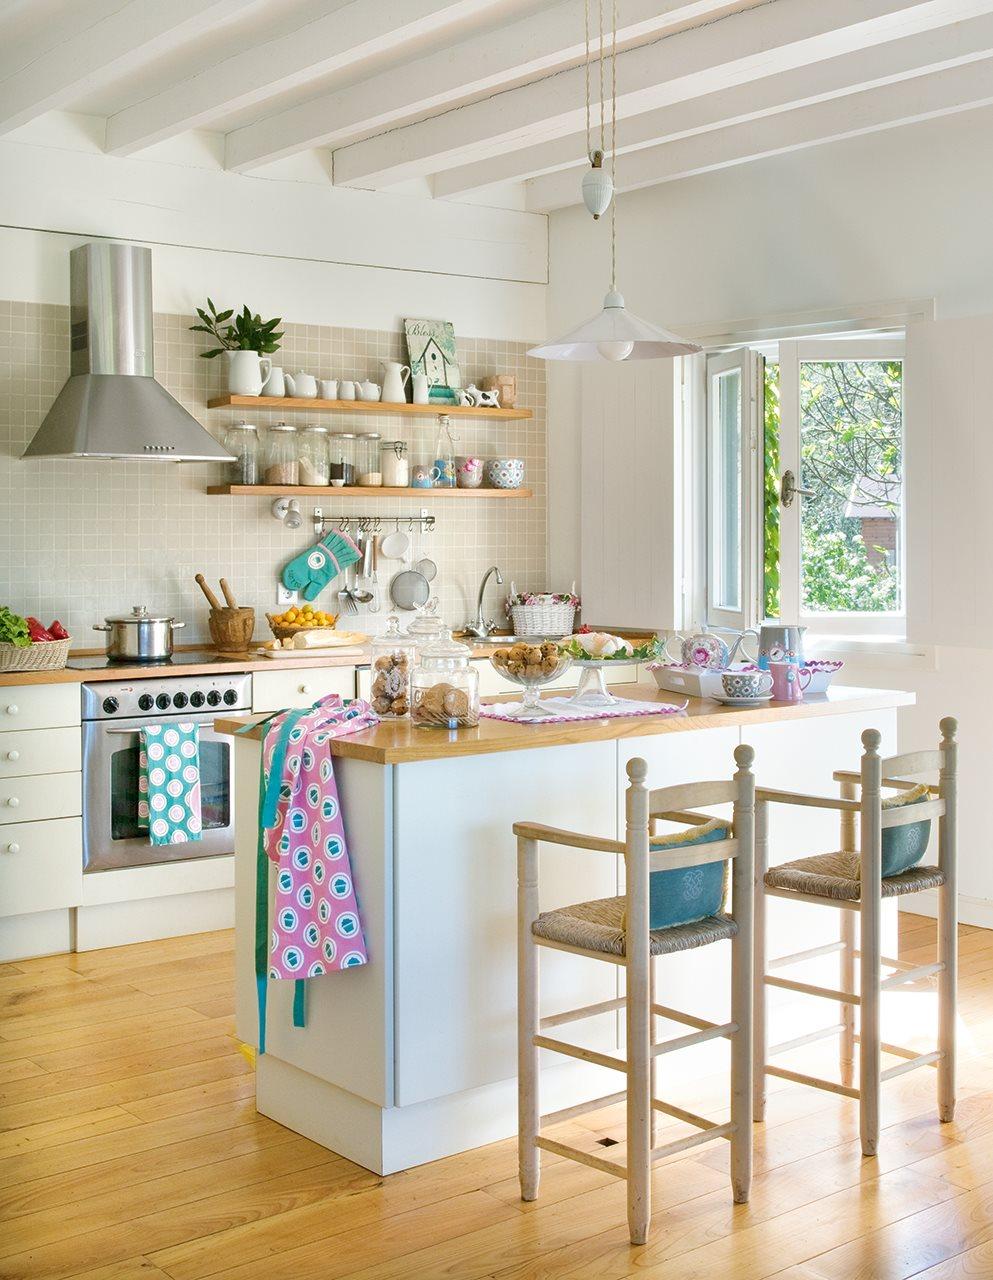 25 ideas para alegrar tu casa esta primavera - Cocinas con colores vivos ...